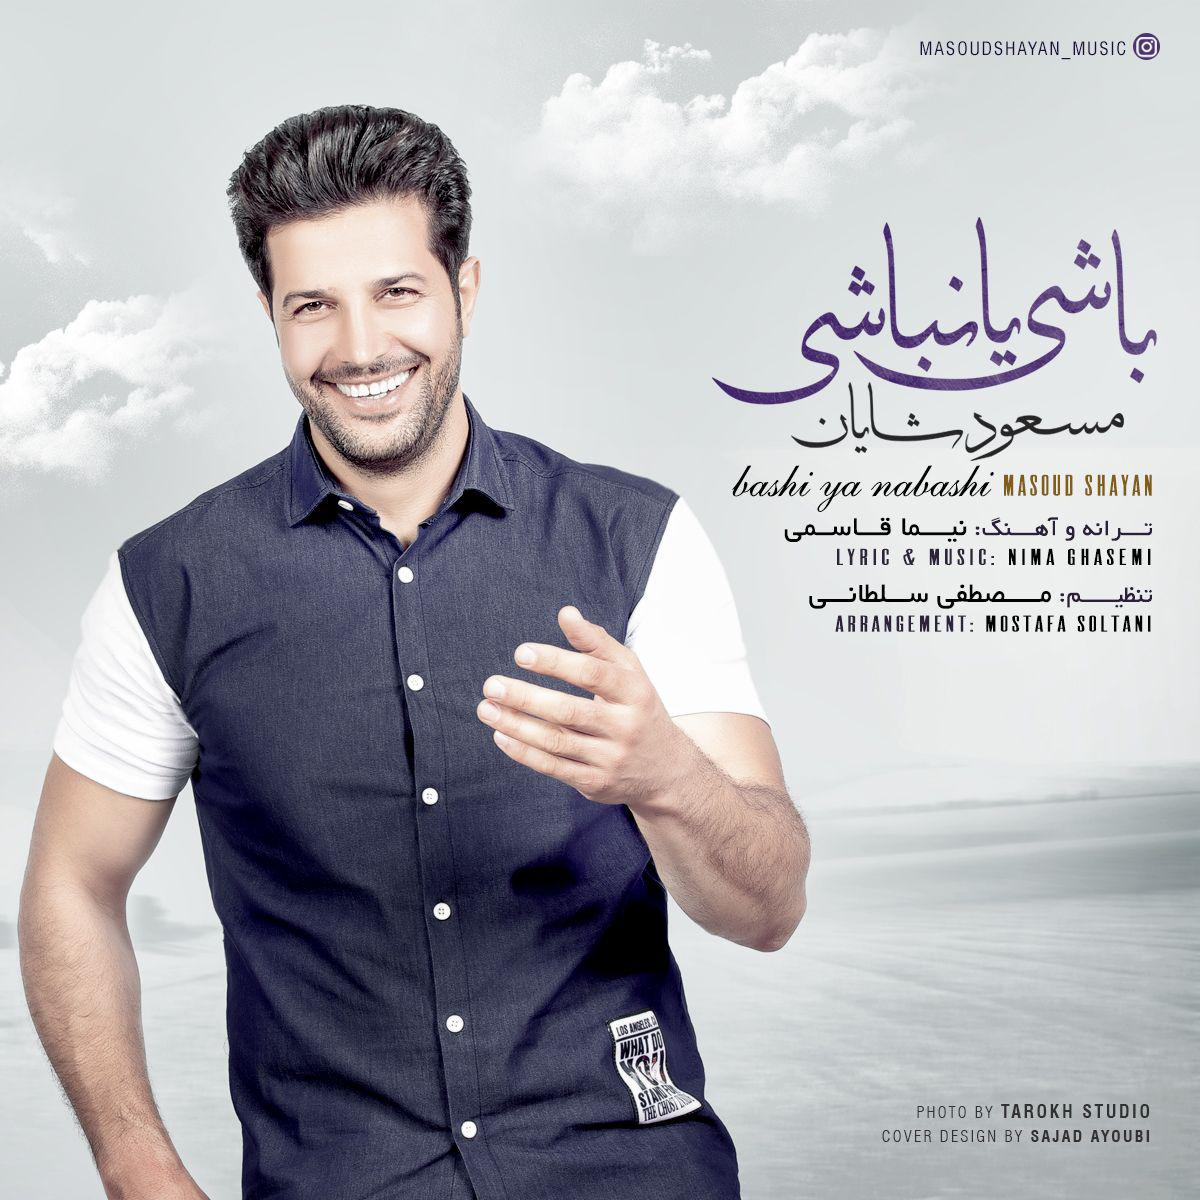 Masoud Shayan – Bashi Ya Nabashi